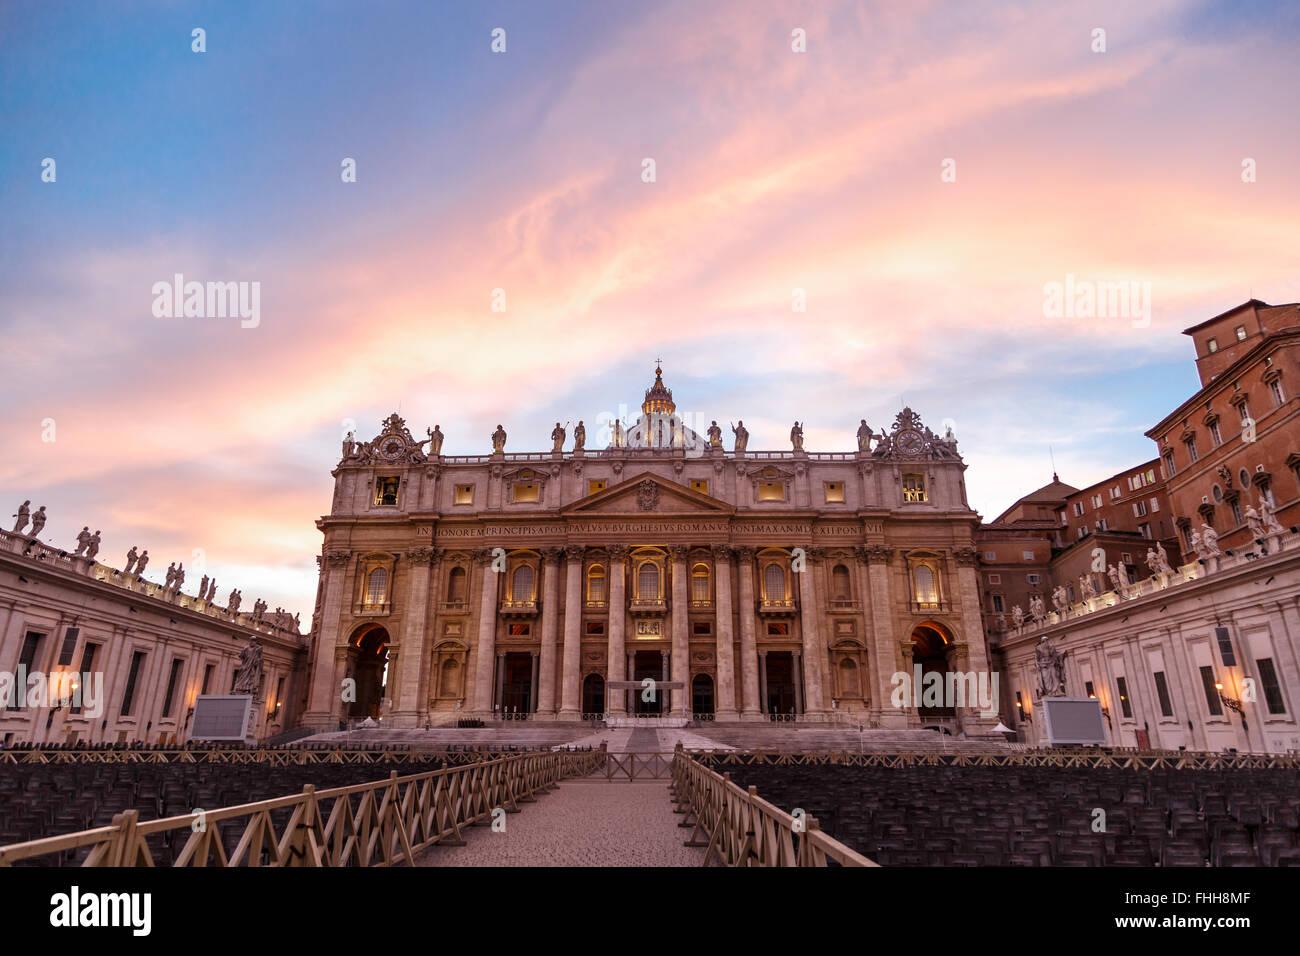 Vorderansicht von der Basilika St. Peter im Vatikan mit Mitmenschen, auf blauen Wolkenhimmel Backgroundat Sonnenuntergangszeit. Stockbild